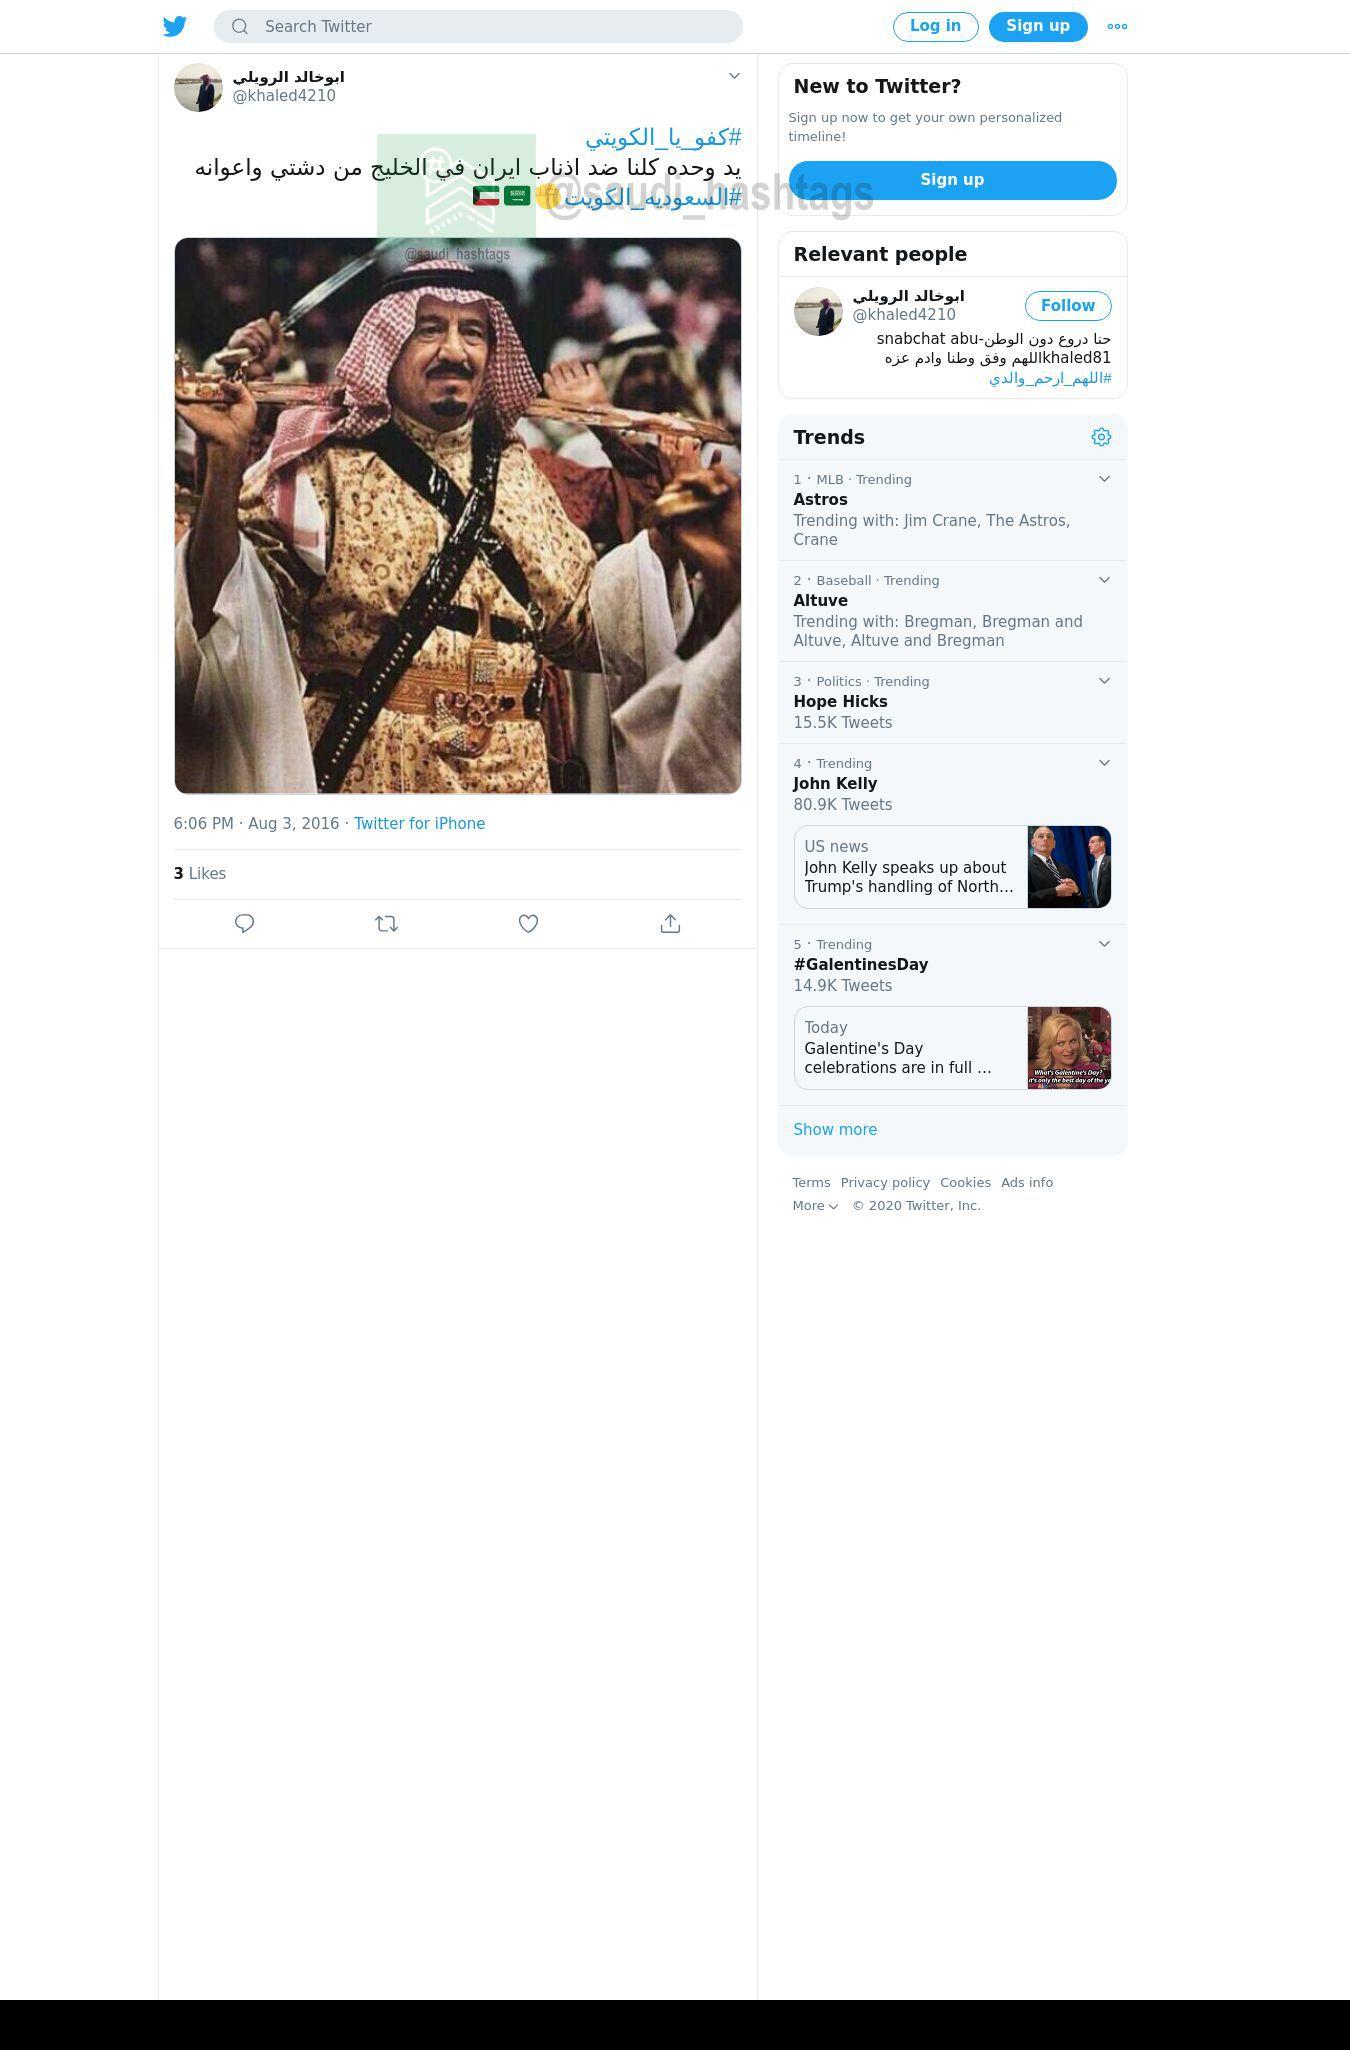 لقطة لاول تغريدة في هاشتاق #كفو_يا_الكويتي